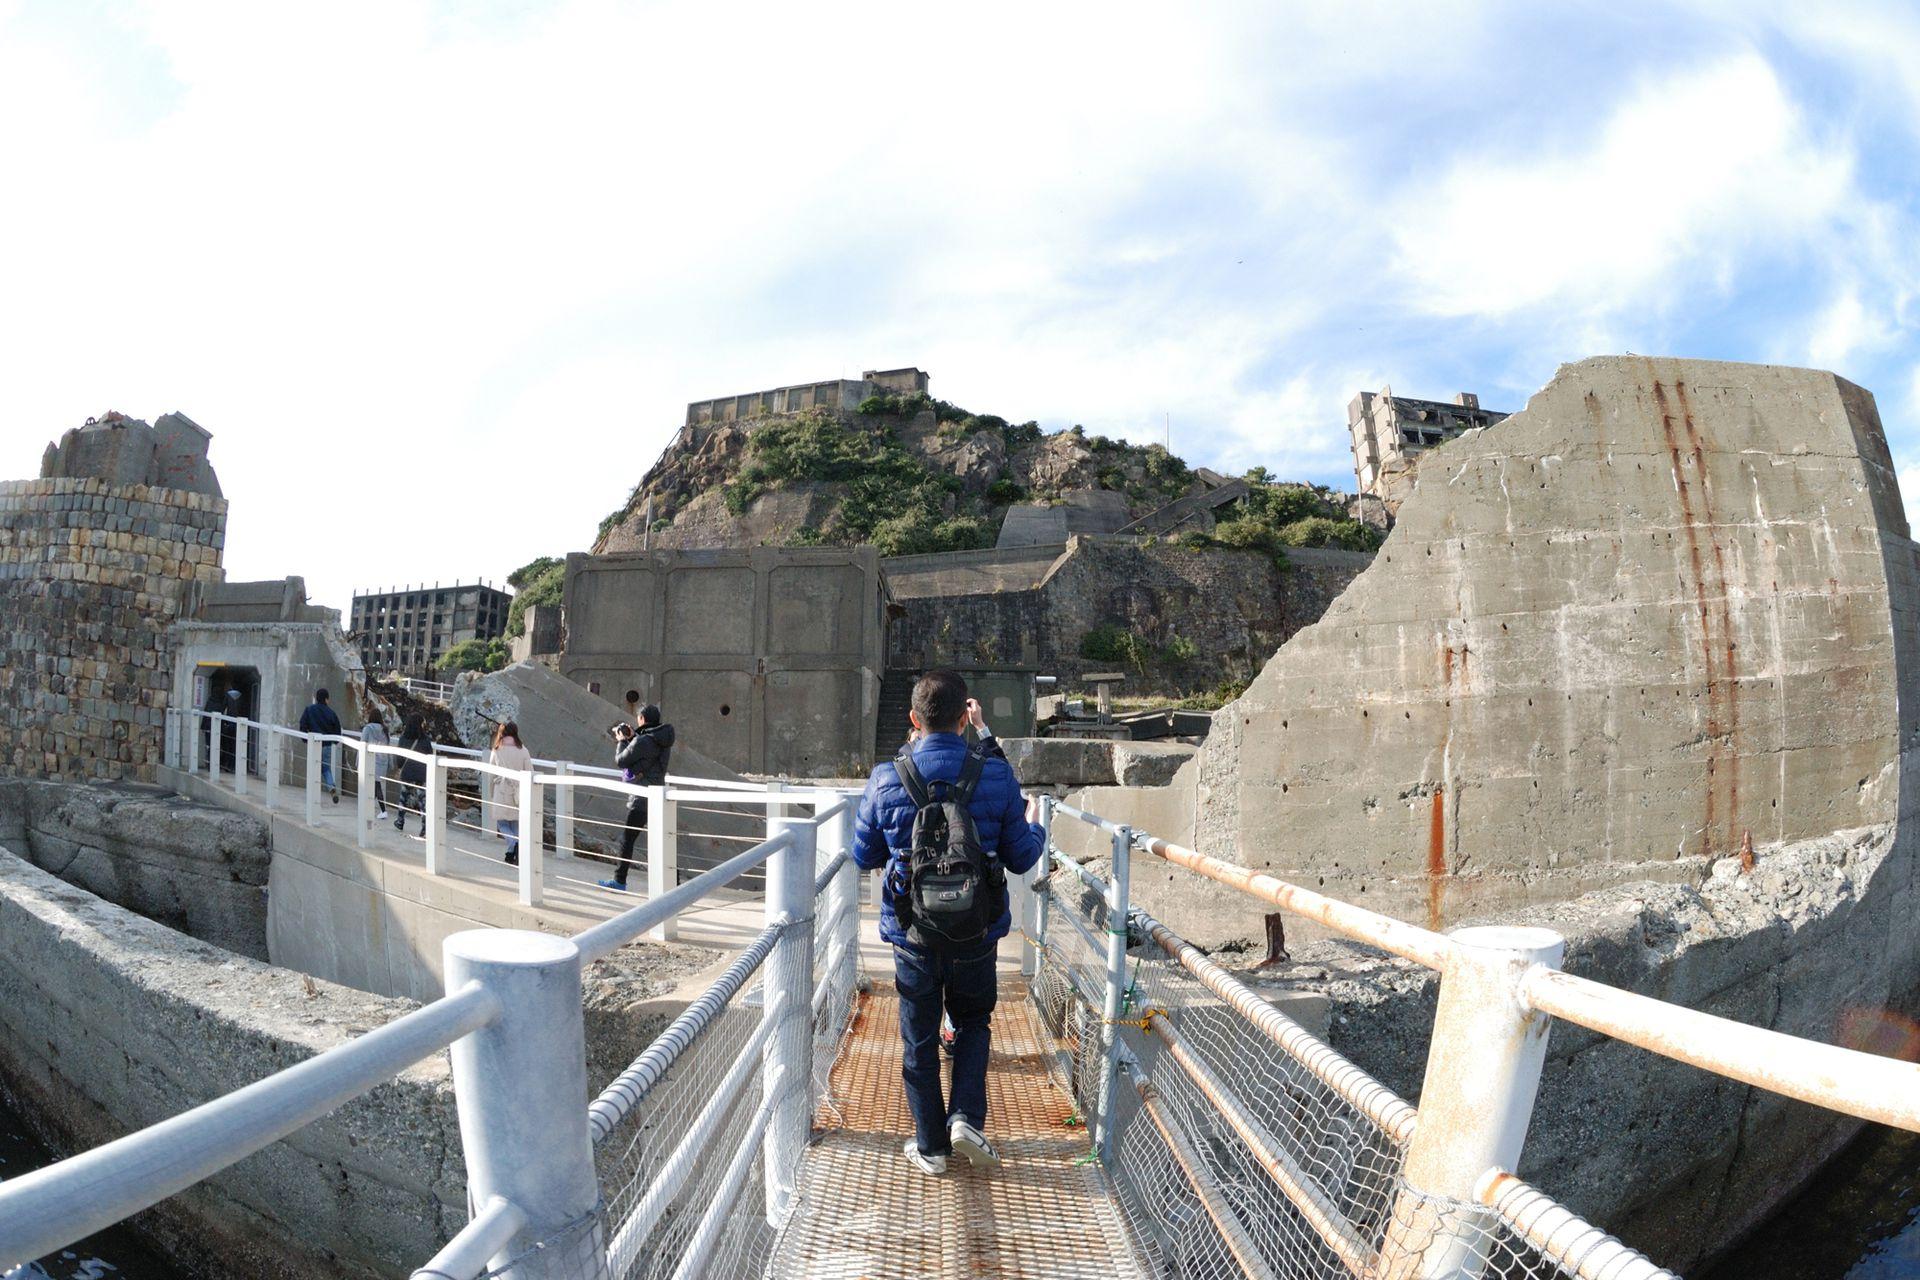 Hashima fue declarada Patrimonio Cultural de la Humanidad por la Unesco en el año 2015 y puede ser visitada por turistas